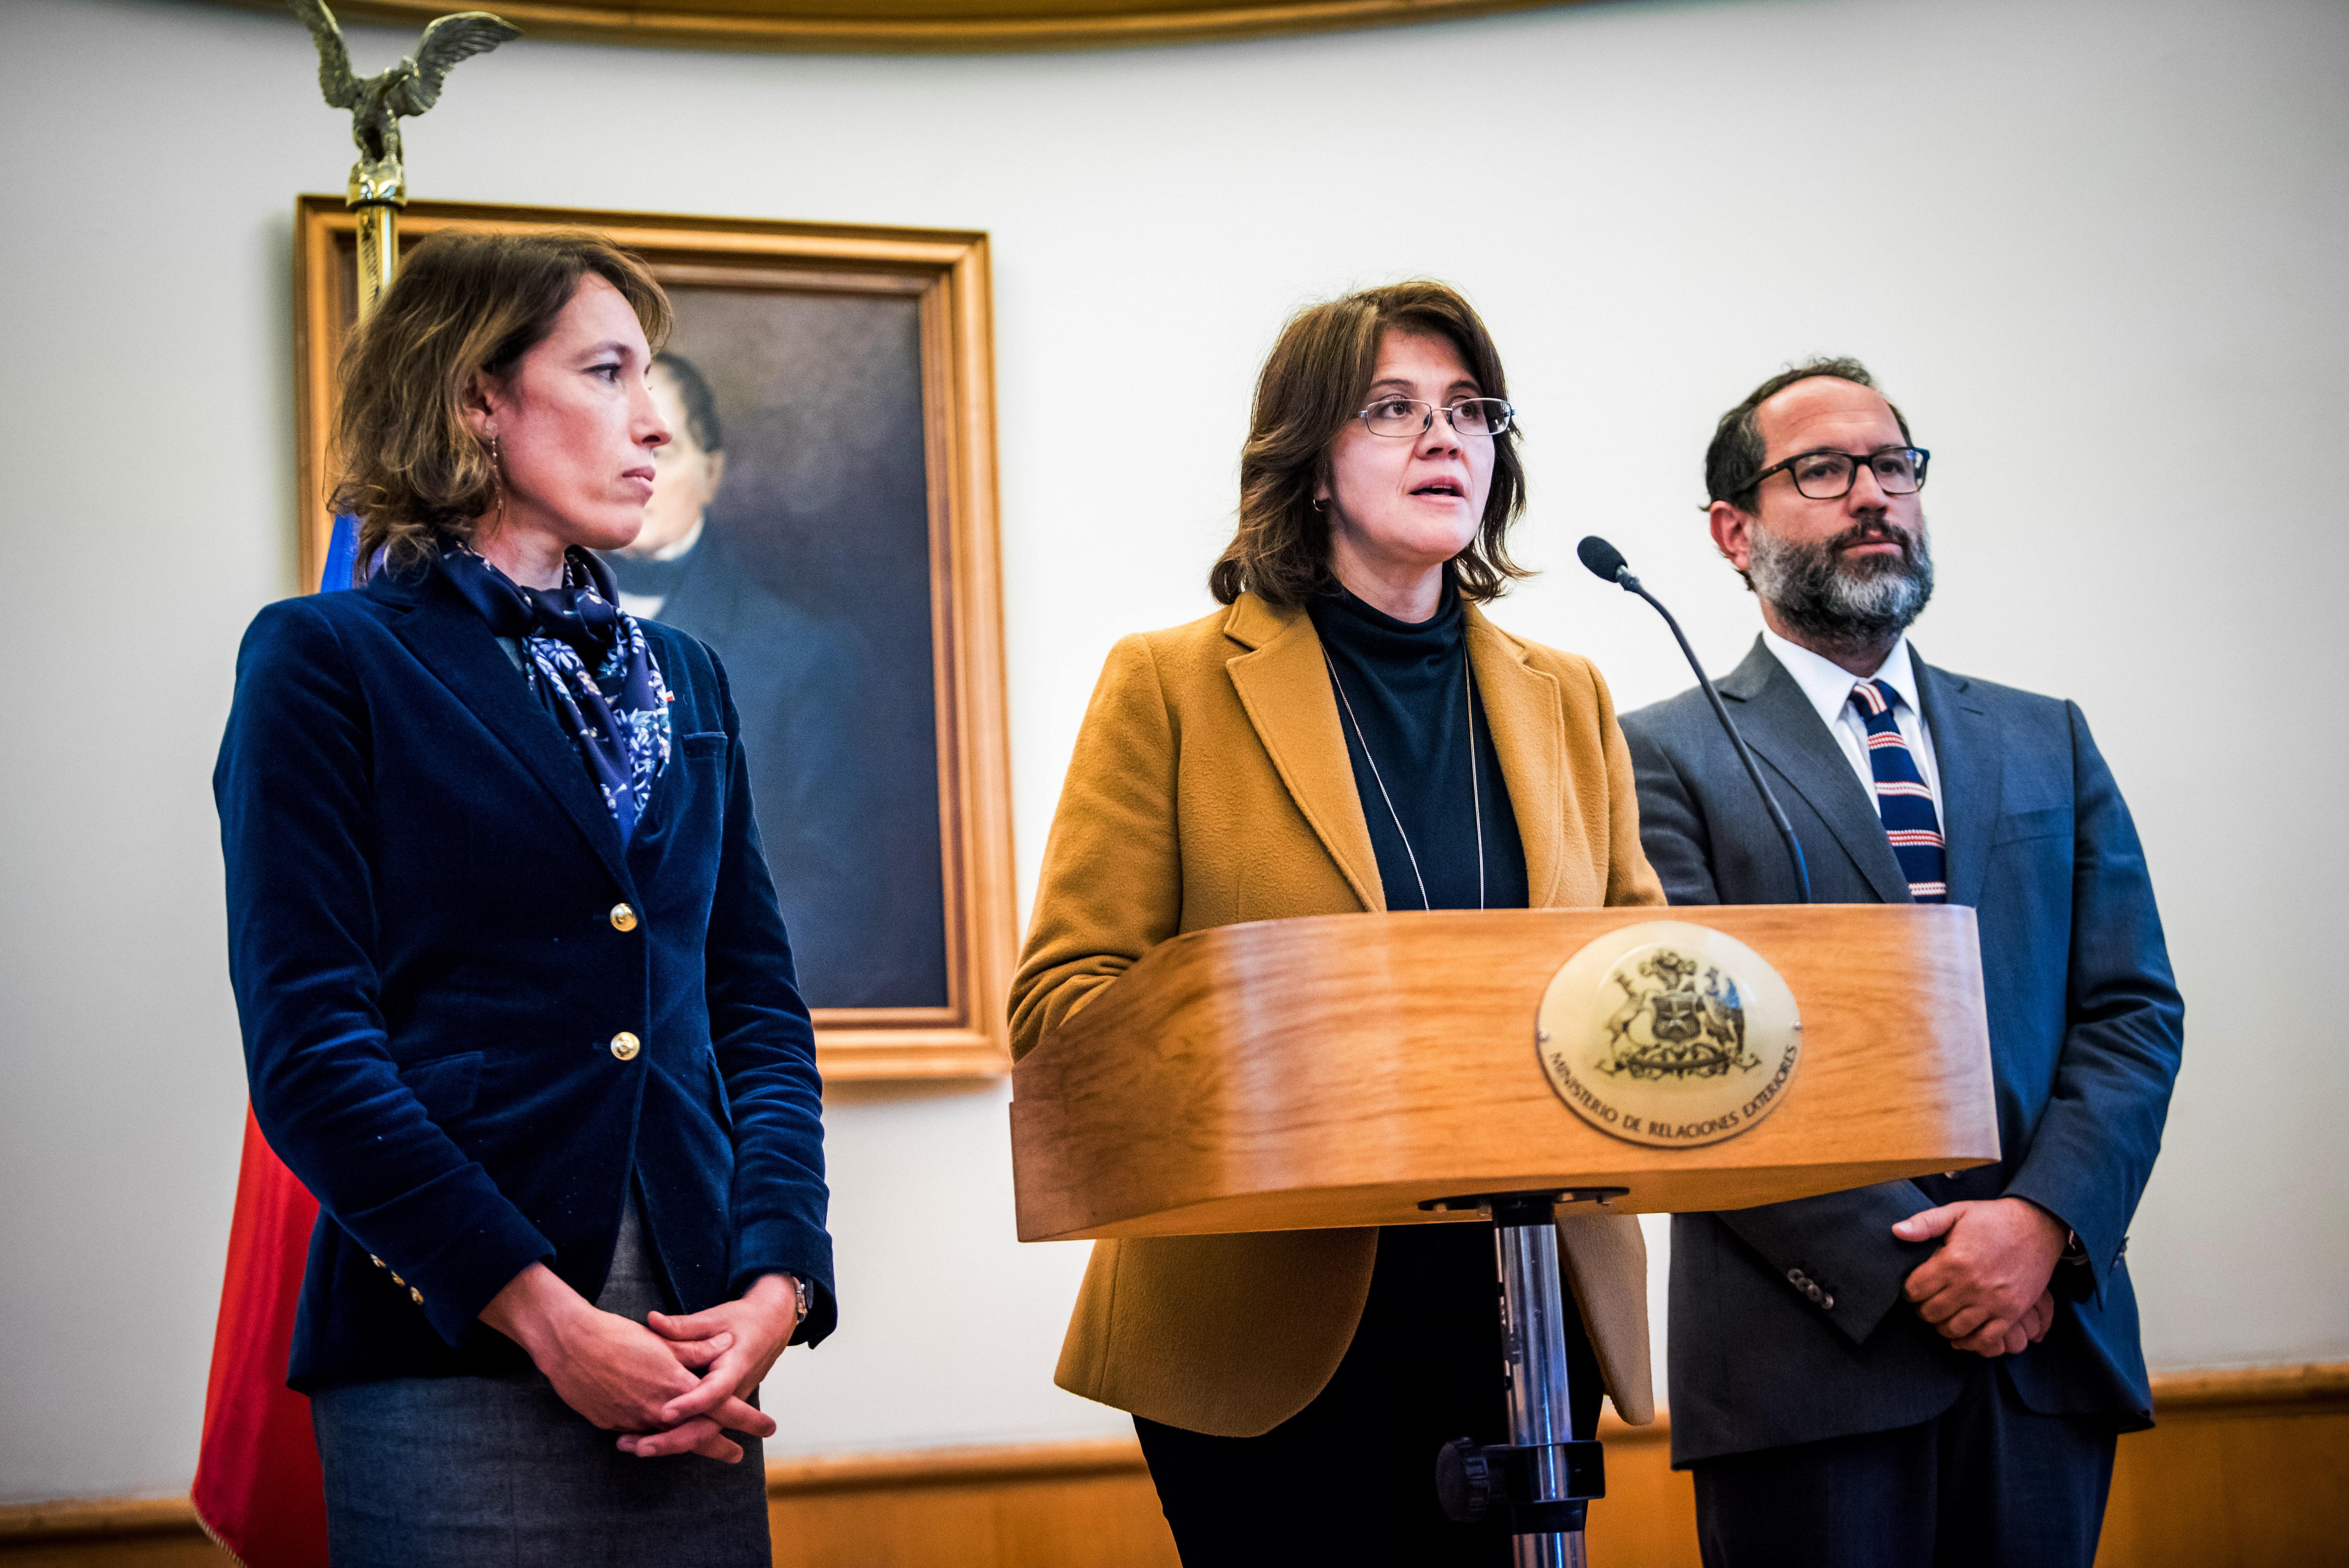 Agente chilena en La Haya y presentación de réplica por el Silala